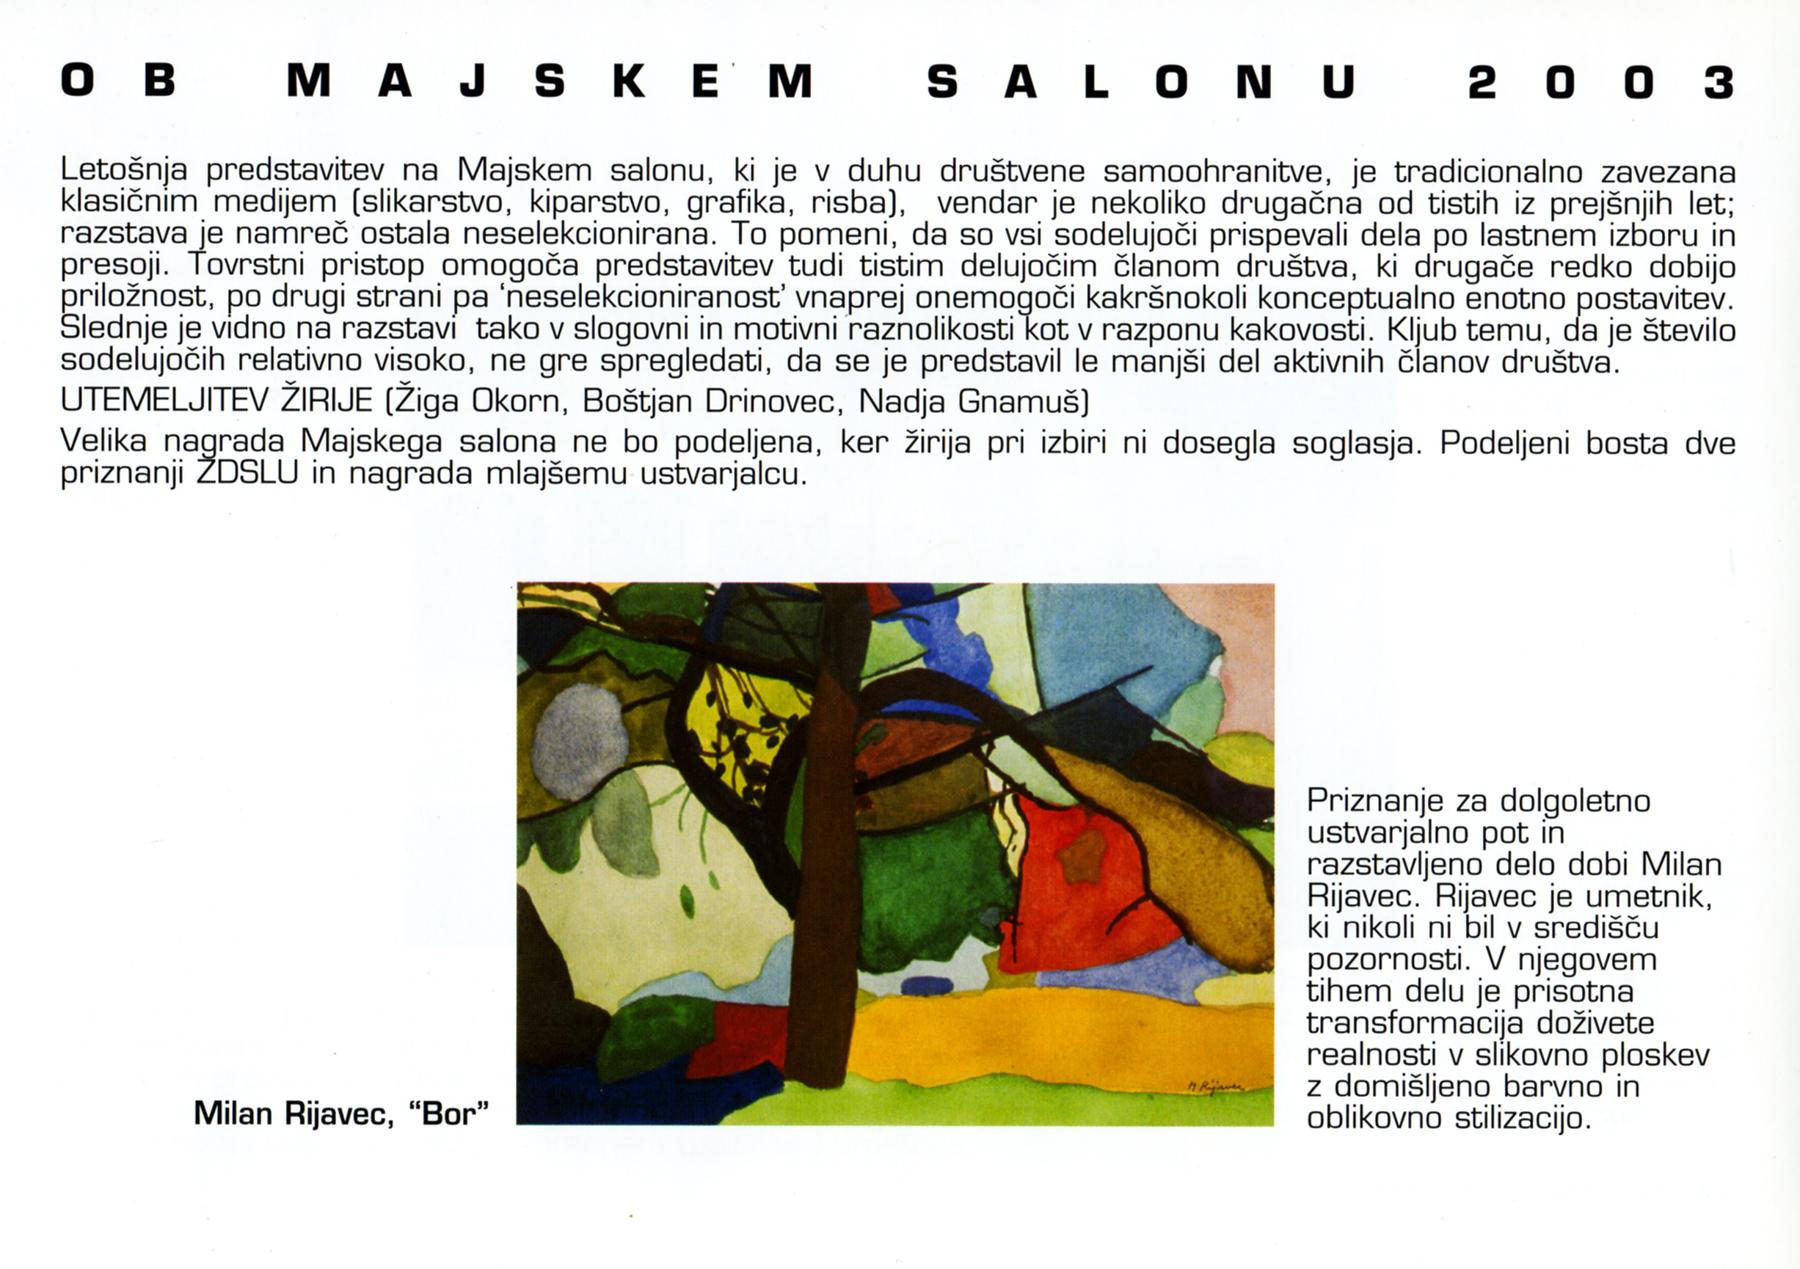 2005_majski_salon_zdslu_5.jpg